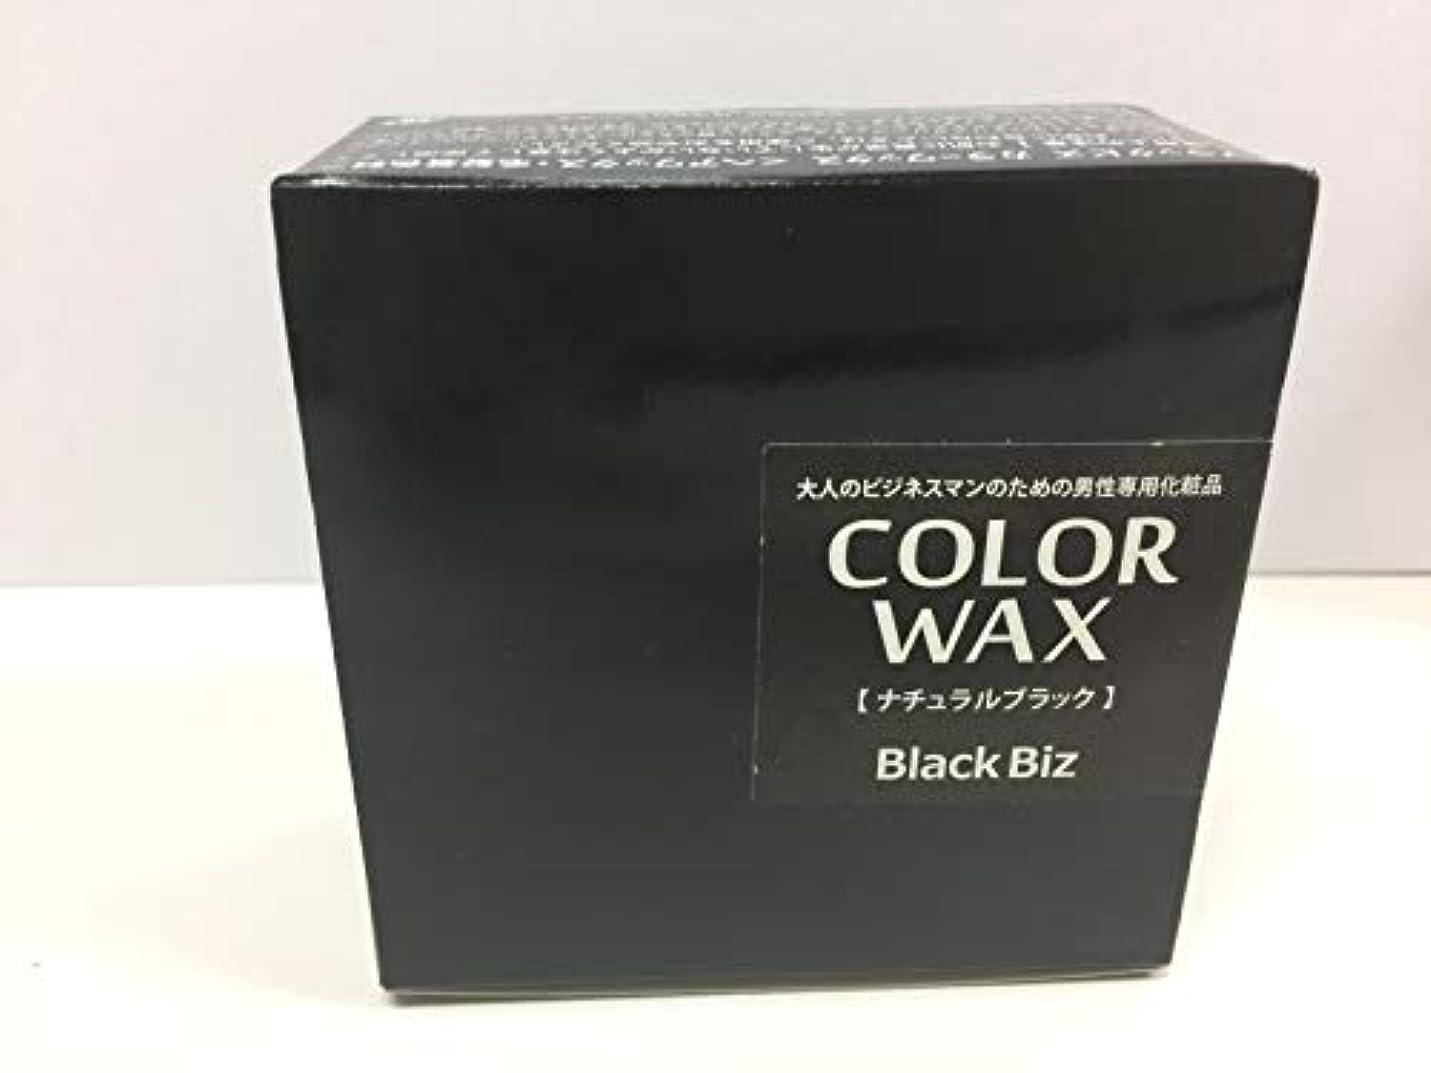 ご覧ください売り手ターミナル大人のビジネスマンのための男性専用化粧品 BlackBiz COLOR WAX ブラックビズ カラーワックス 【ナチュラルブラック】